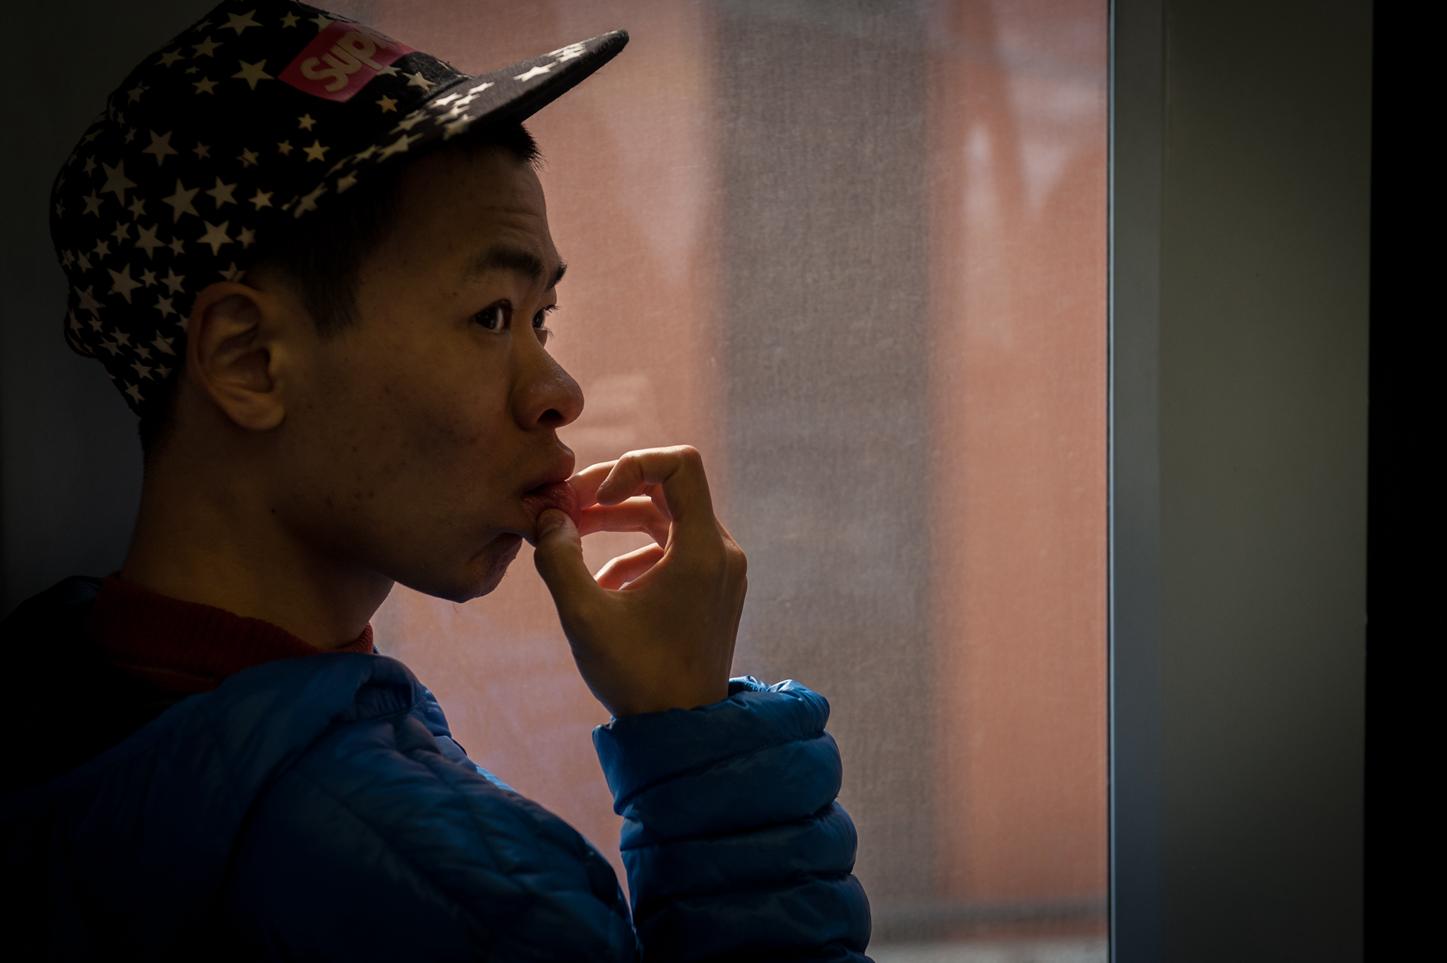 2018年3月,26岁的皓皓整天想着外出,不善言辞的他让其双亲提心吊胆度日。